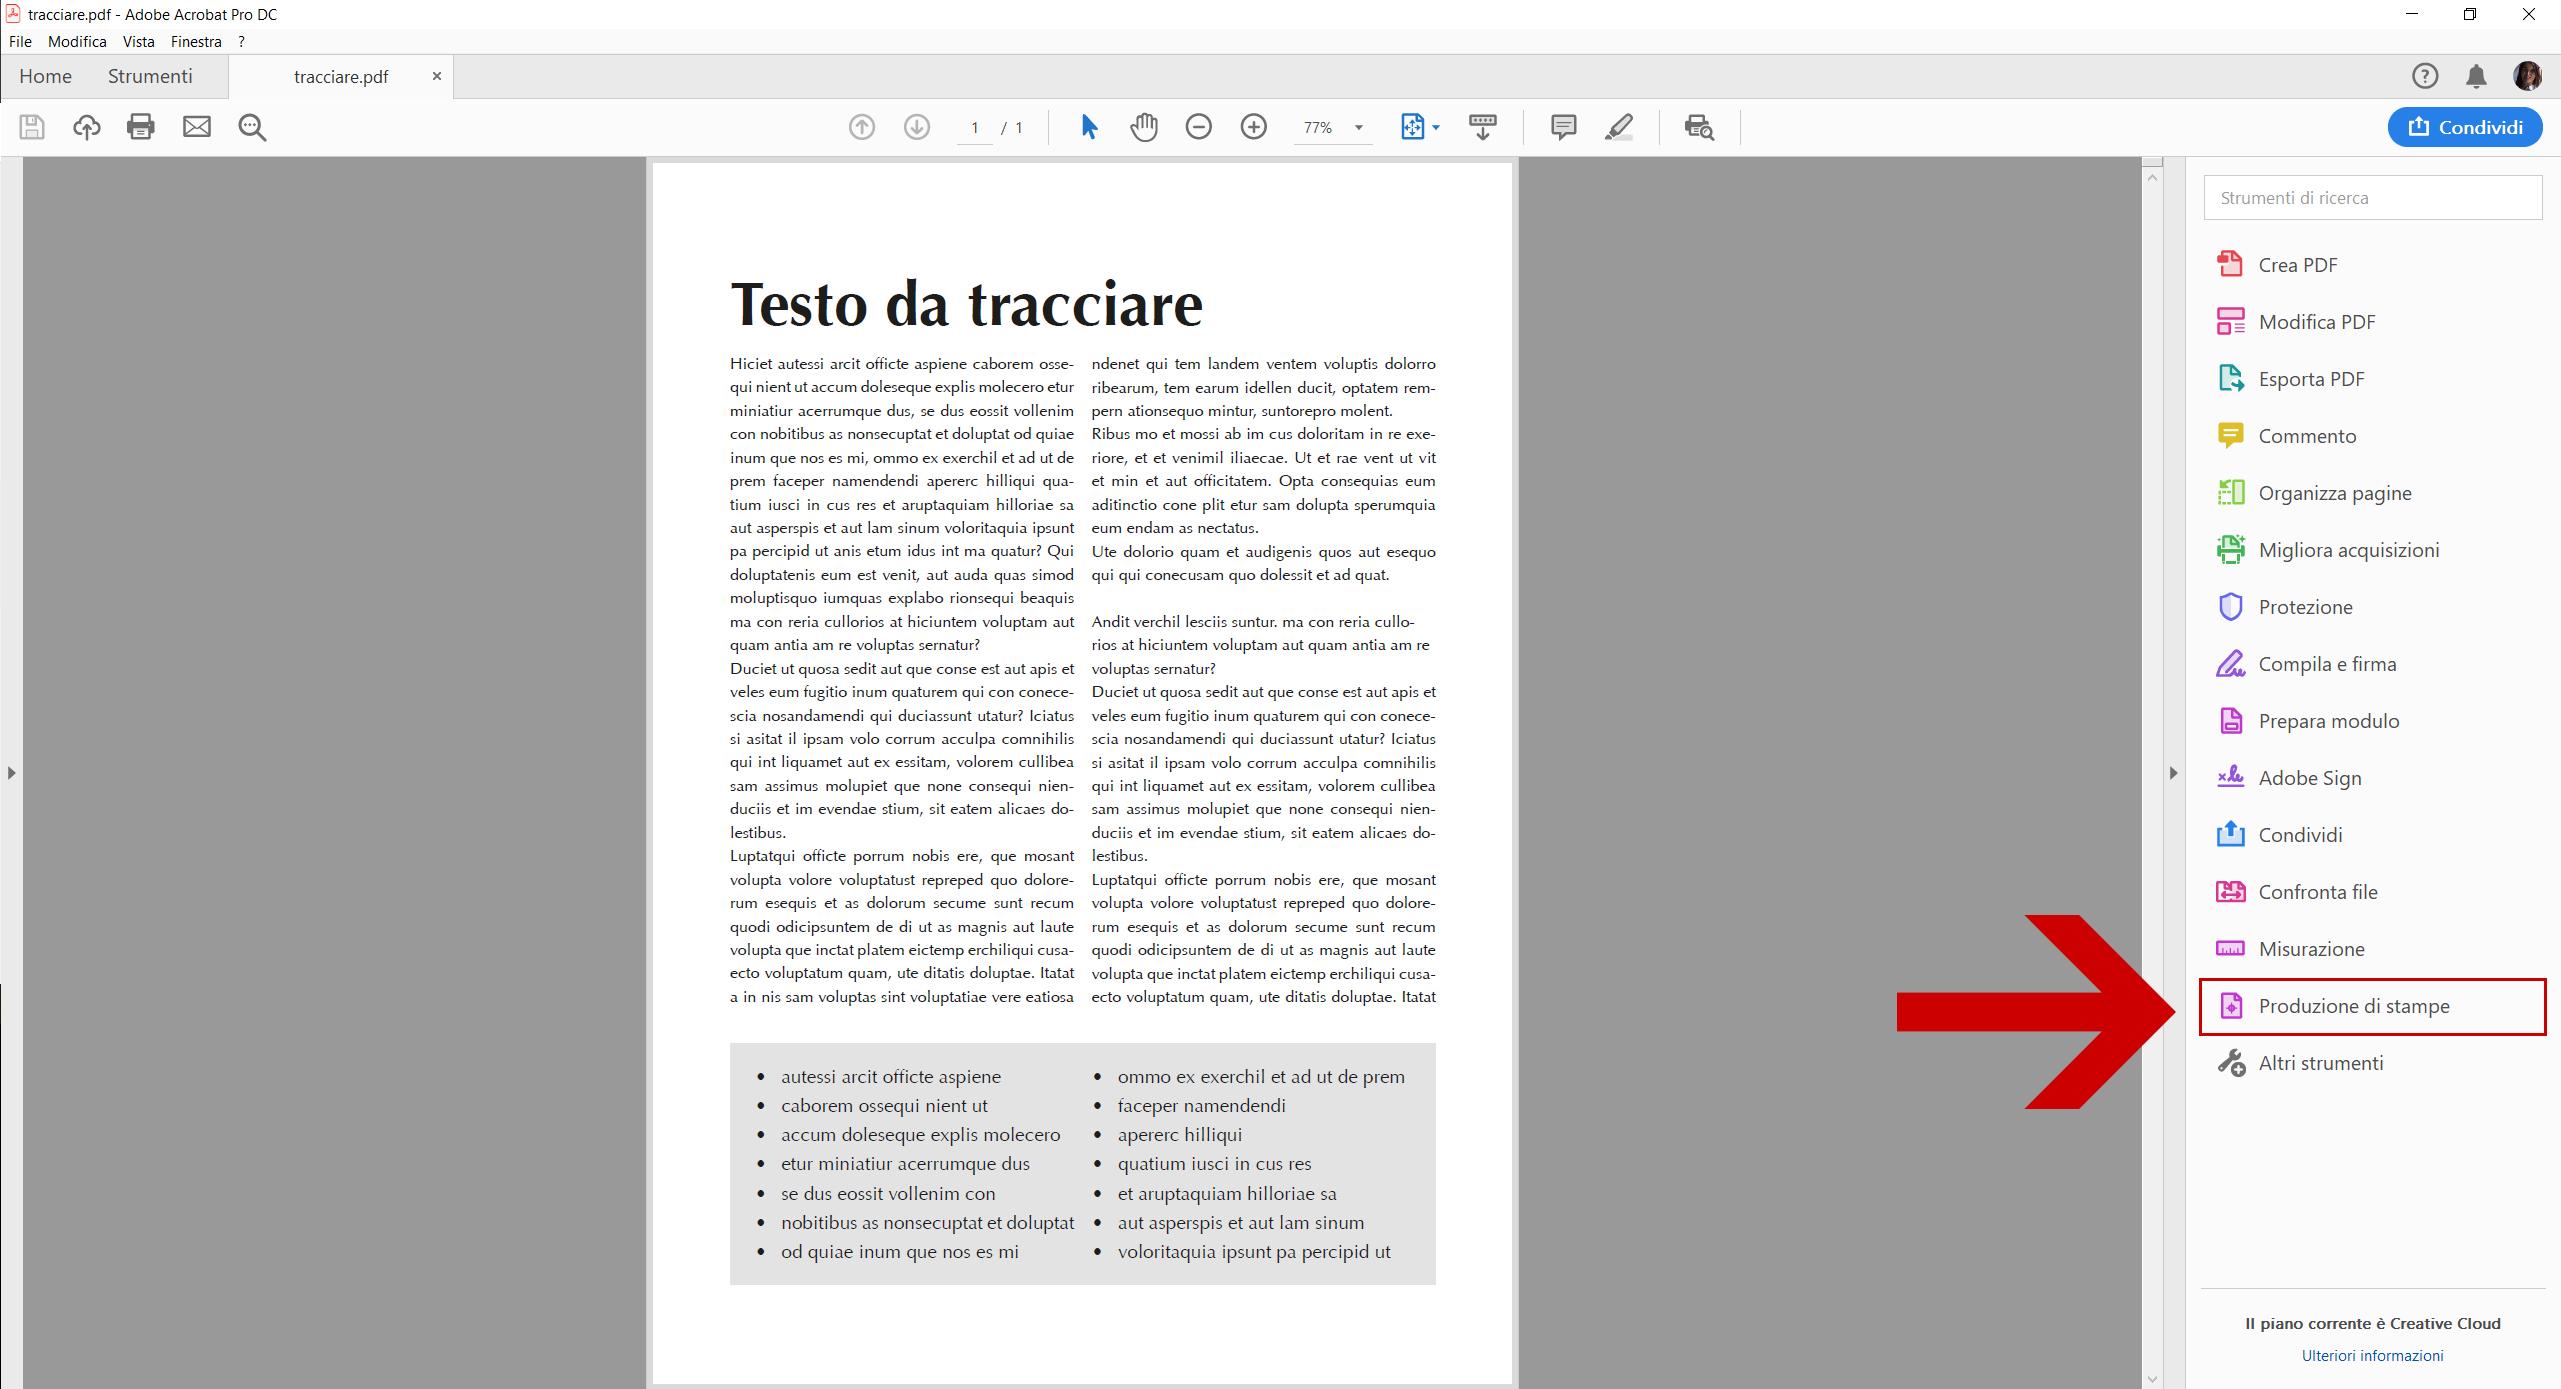 Convertire testi in tracciati con Acrobat DC - Dangeloweb - strumento Produzione Stampe